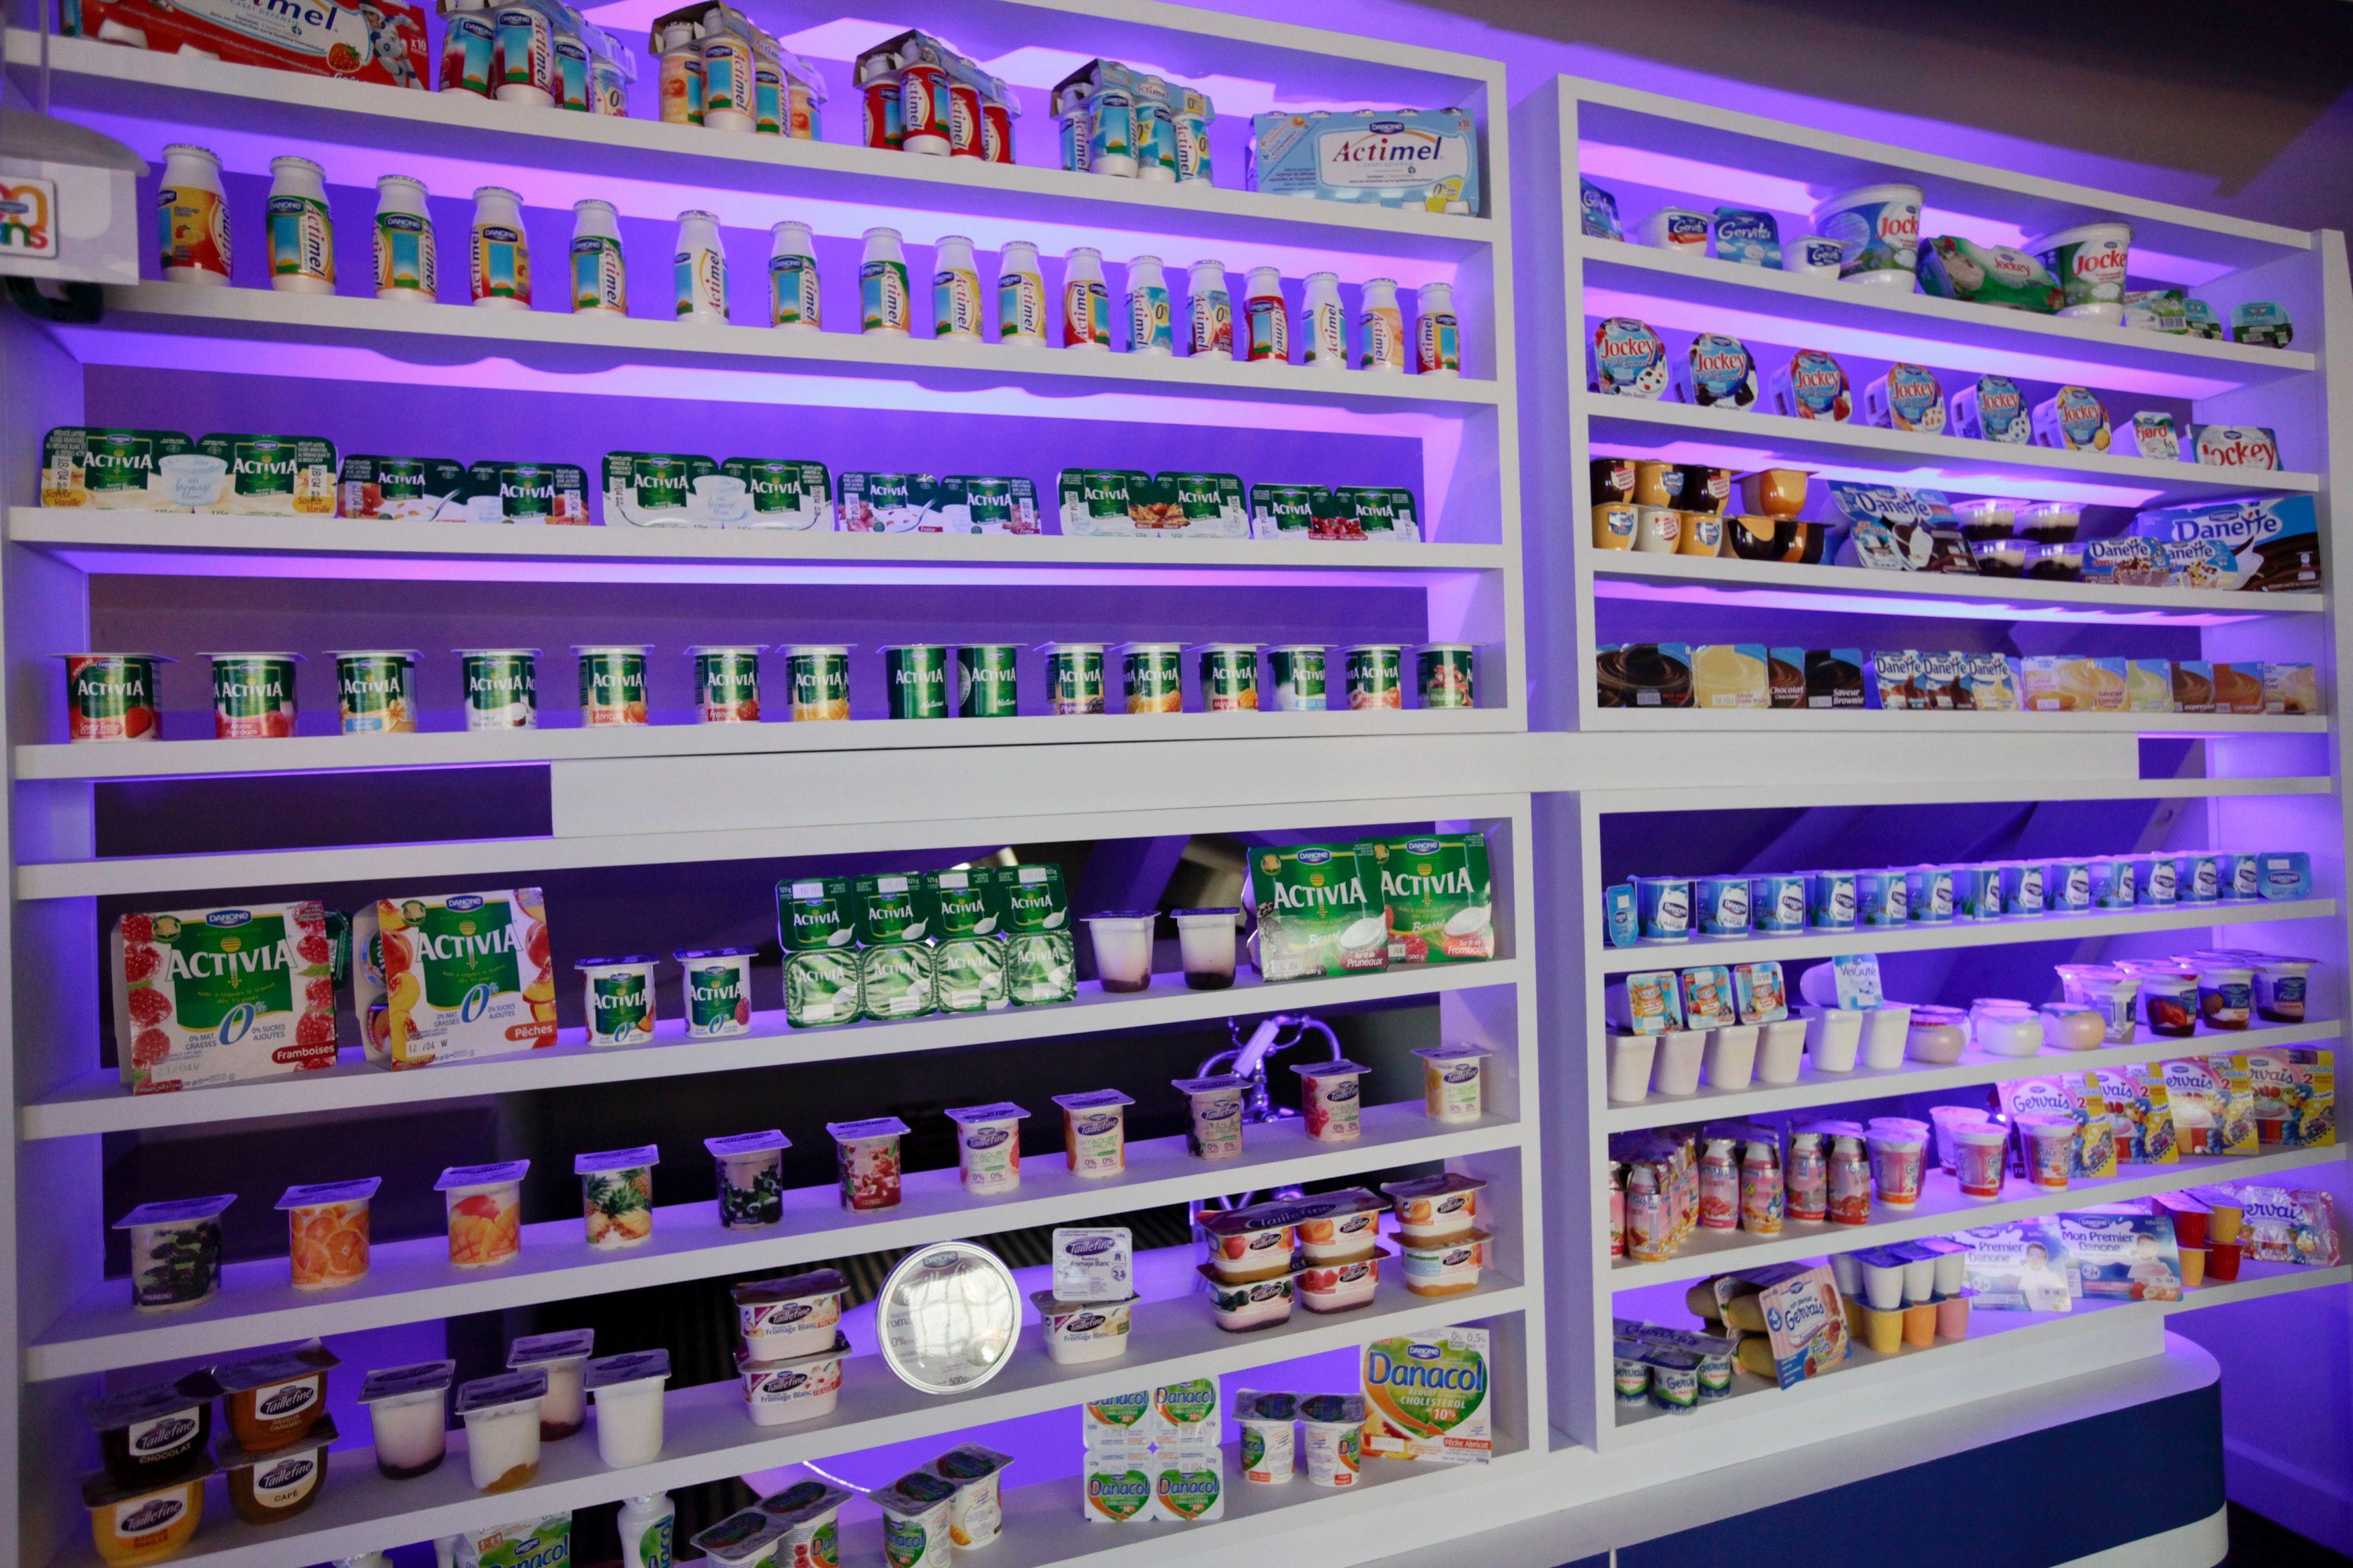 Les laitages et les produits allégés ne sont pas nocifs en eux-mêmes, c'est la confusion des genres entre aliment et médicament qui pose problème.